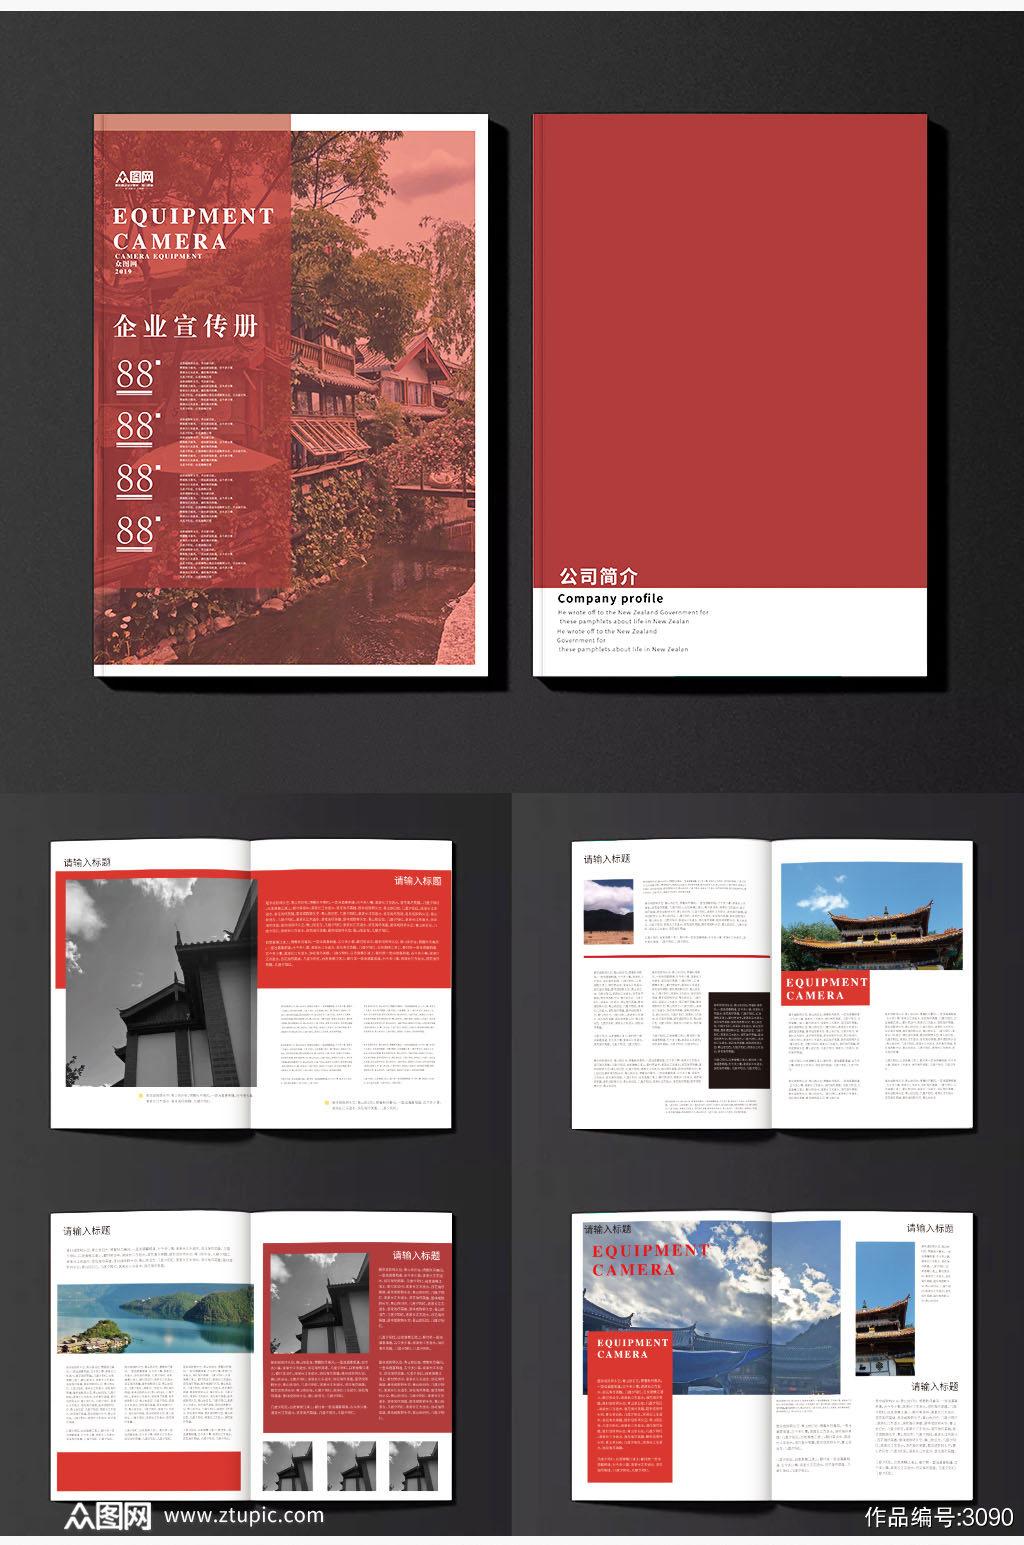 创意时尚科技展览展会画册封面素材